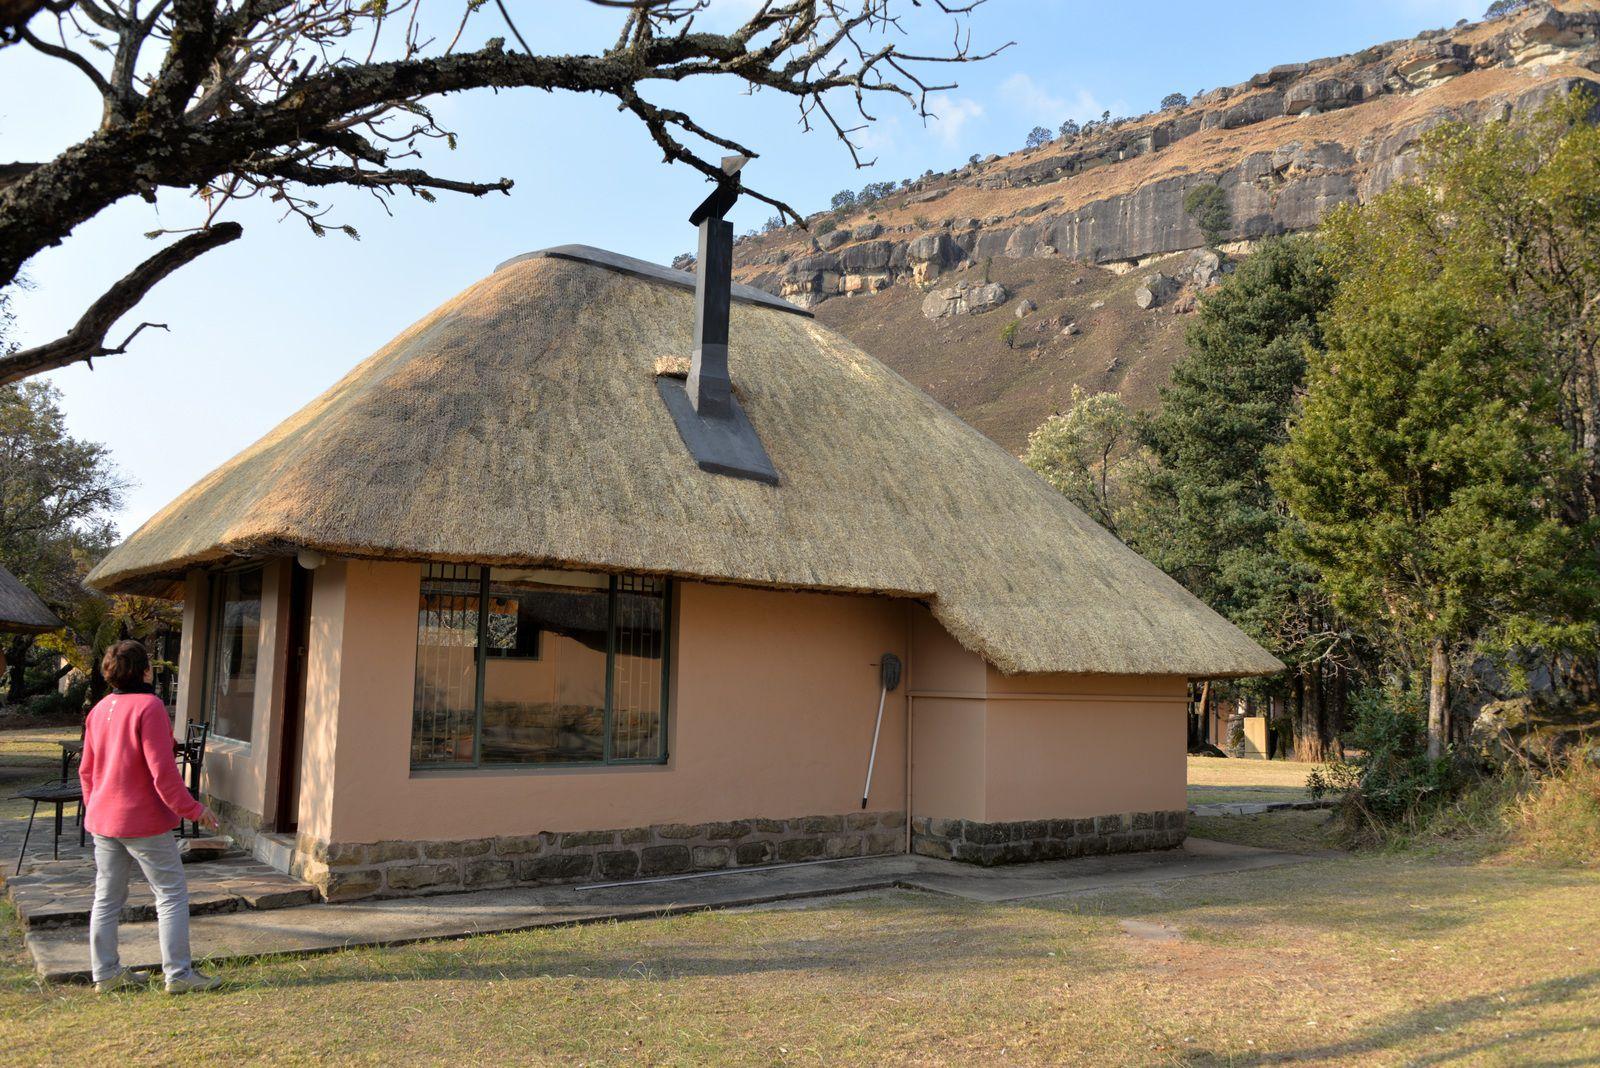 Afrique du Sud / 3 / il est 09h48, nous sommes le 12 Novembre 2020